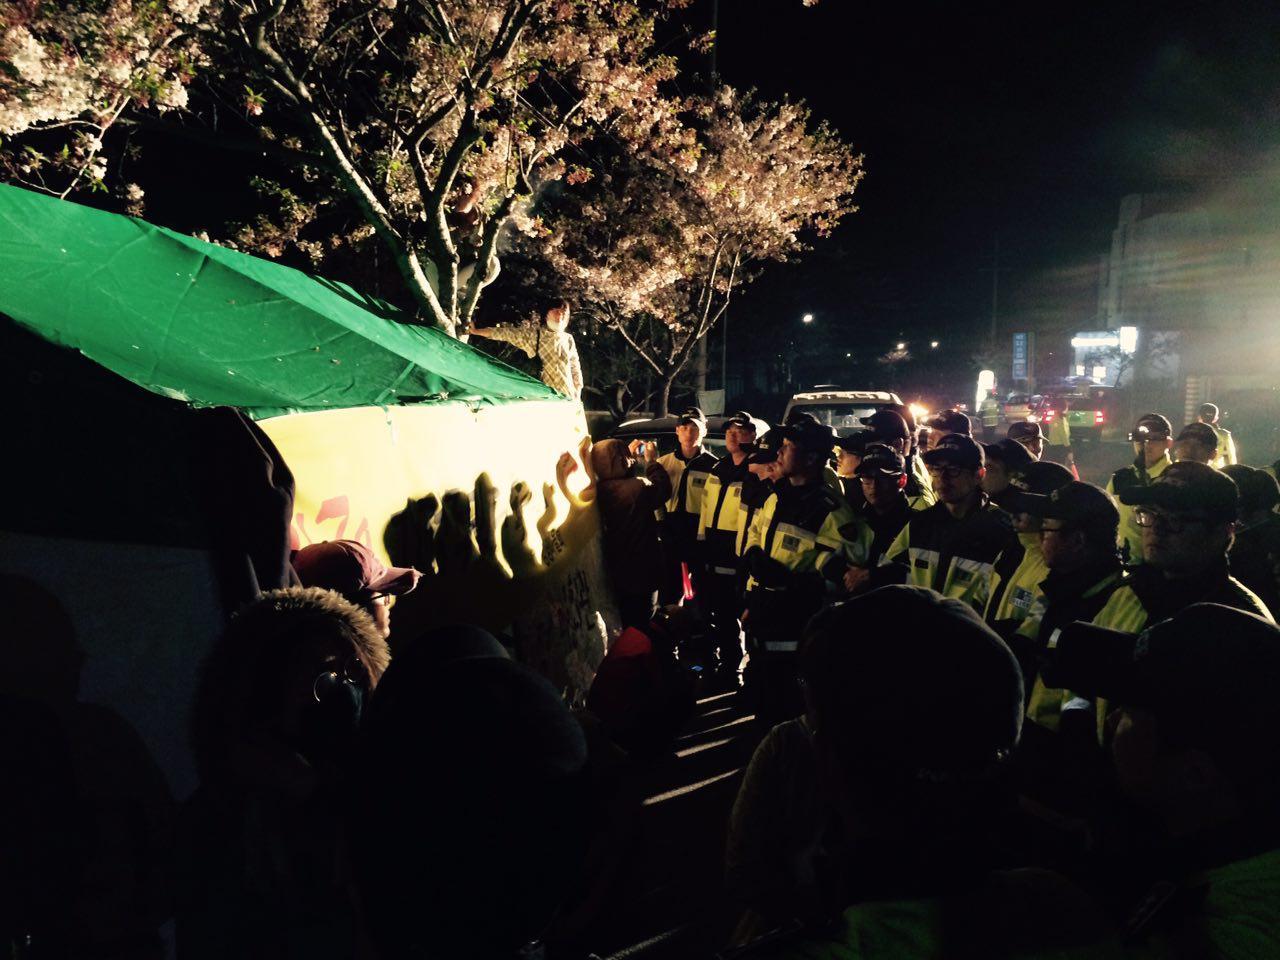 4월 10일, 구상권 철회를 촉구하며 천막 농성에 돌입한 강정마을 주민들과 출동한 경찰들